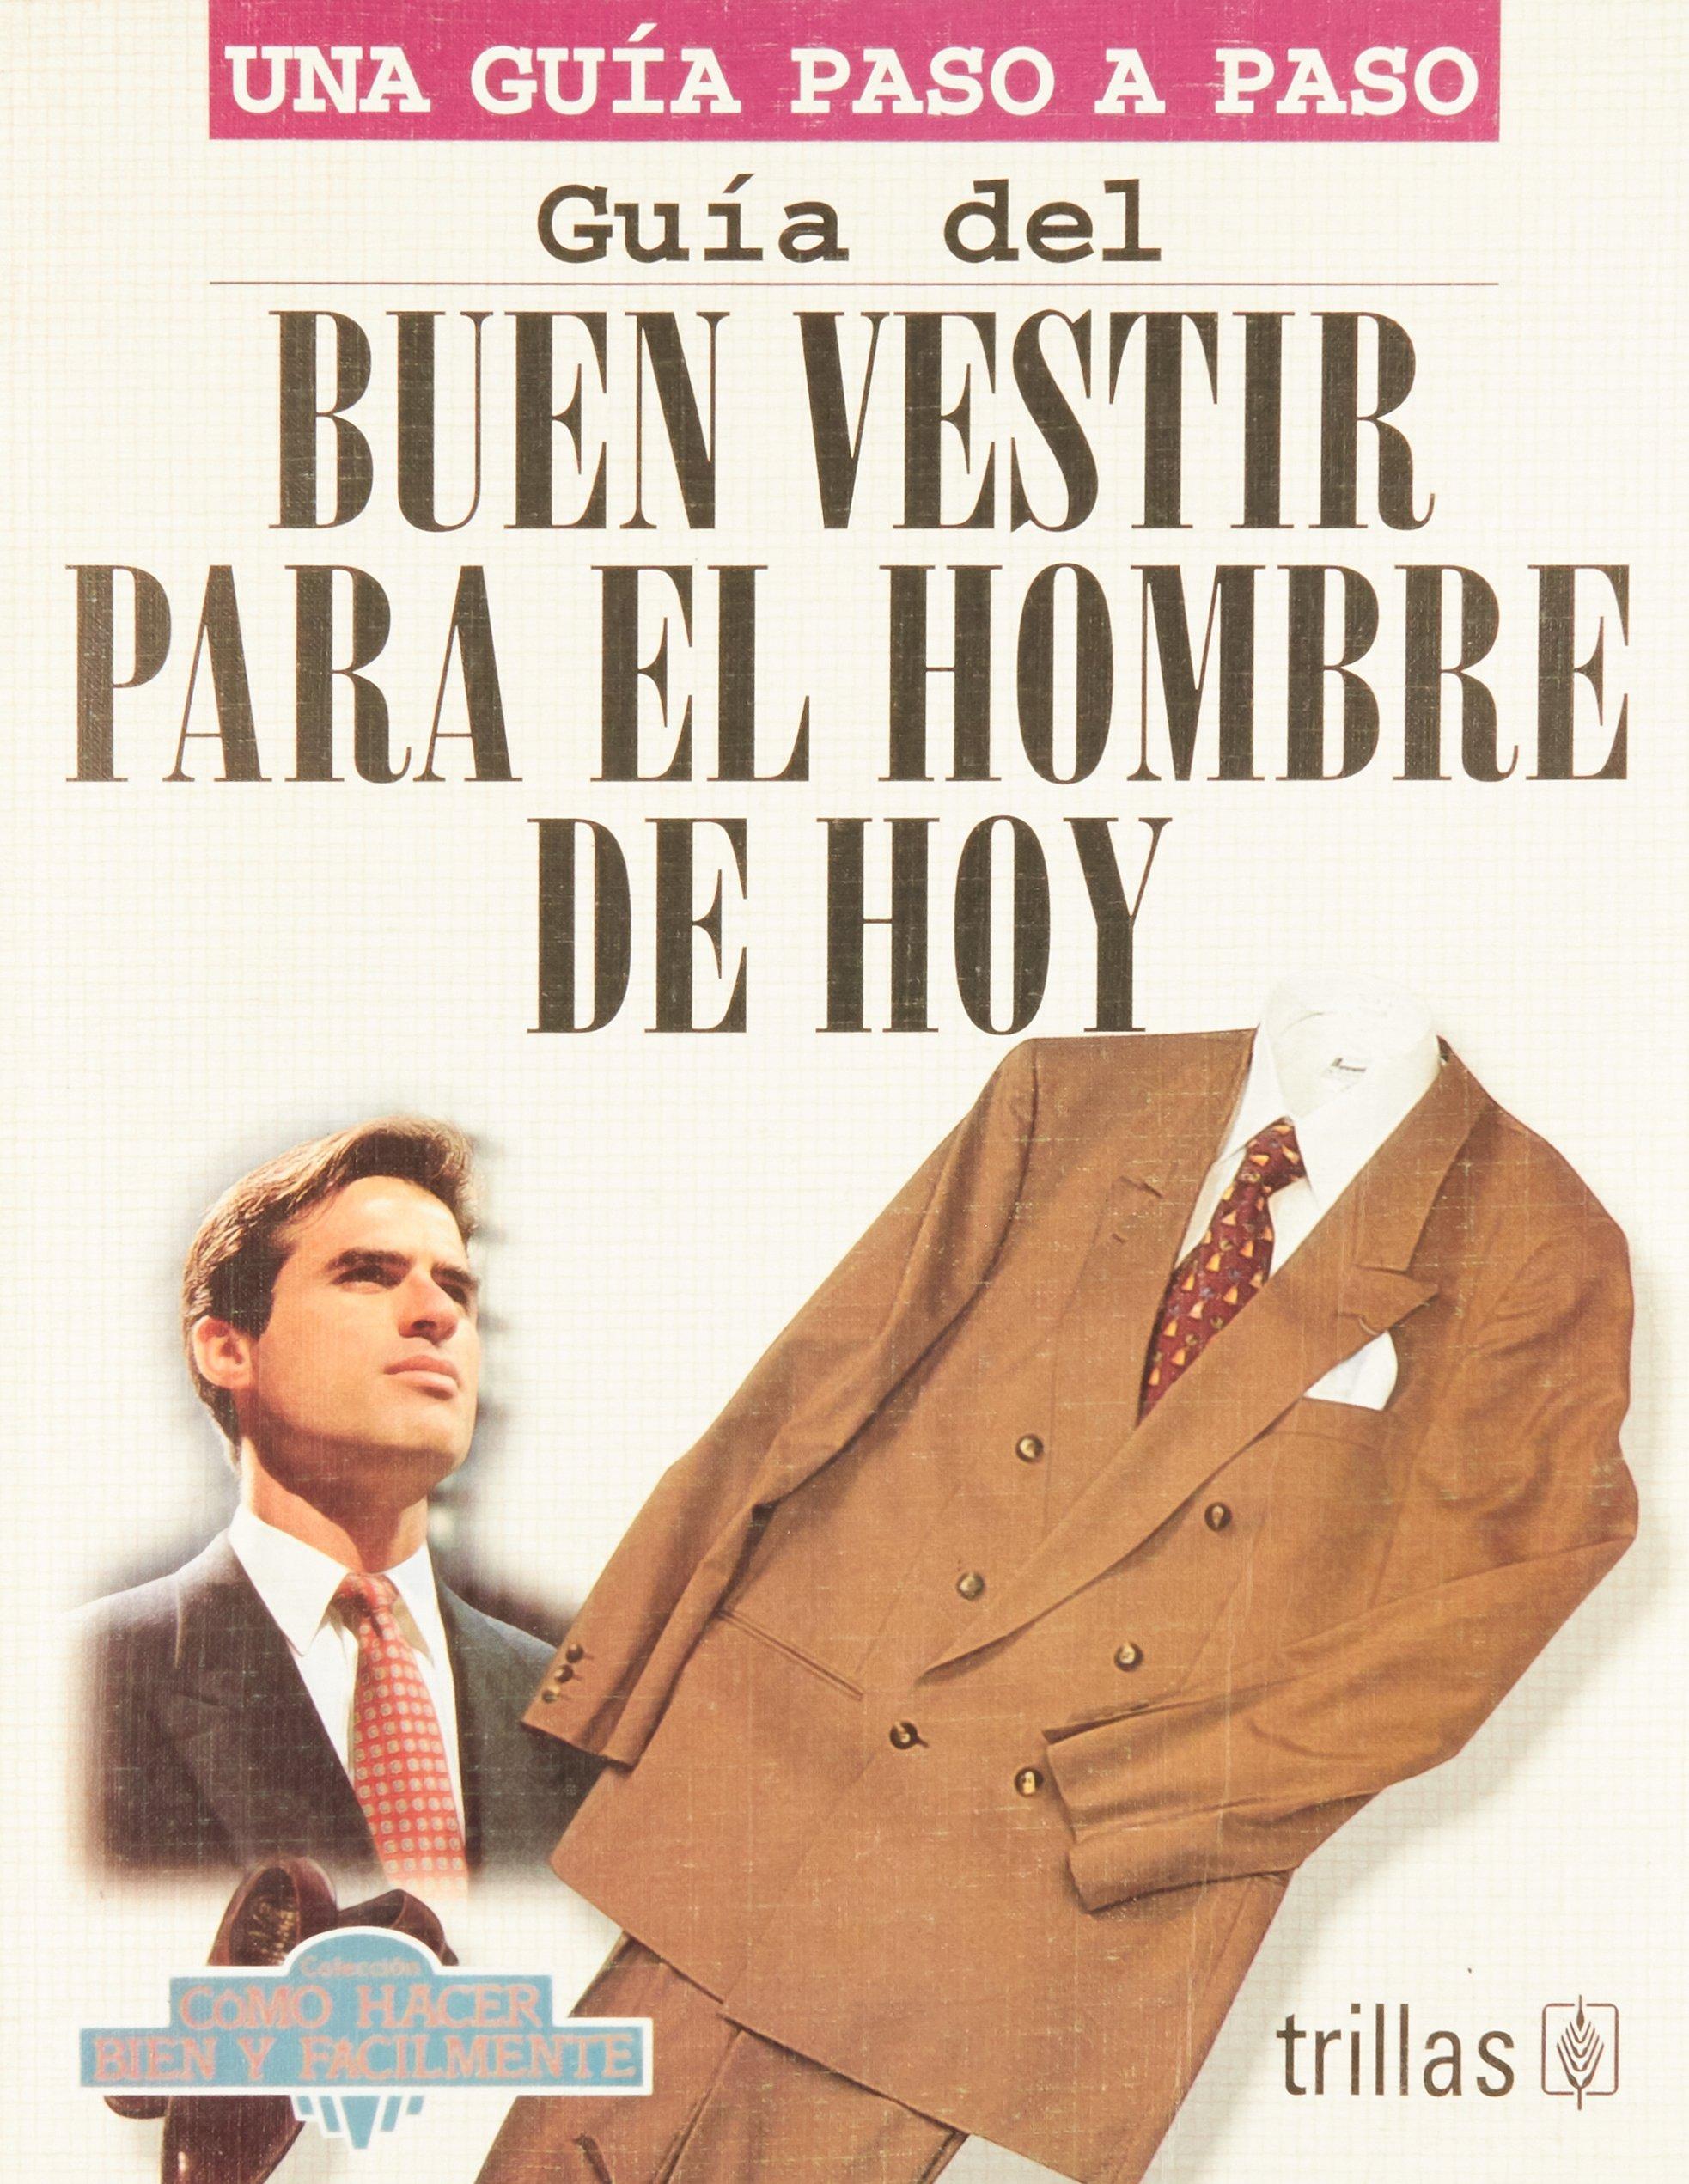 Guia Del Buen Vestir Para el Hombre de Hoy (Spanish) Paperback – January 1, 1999